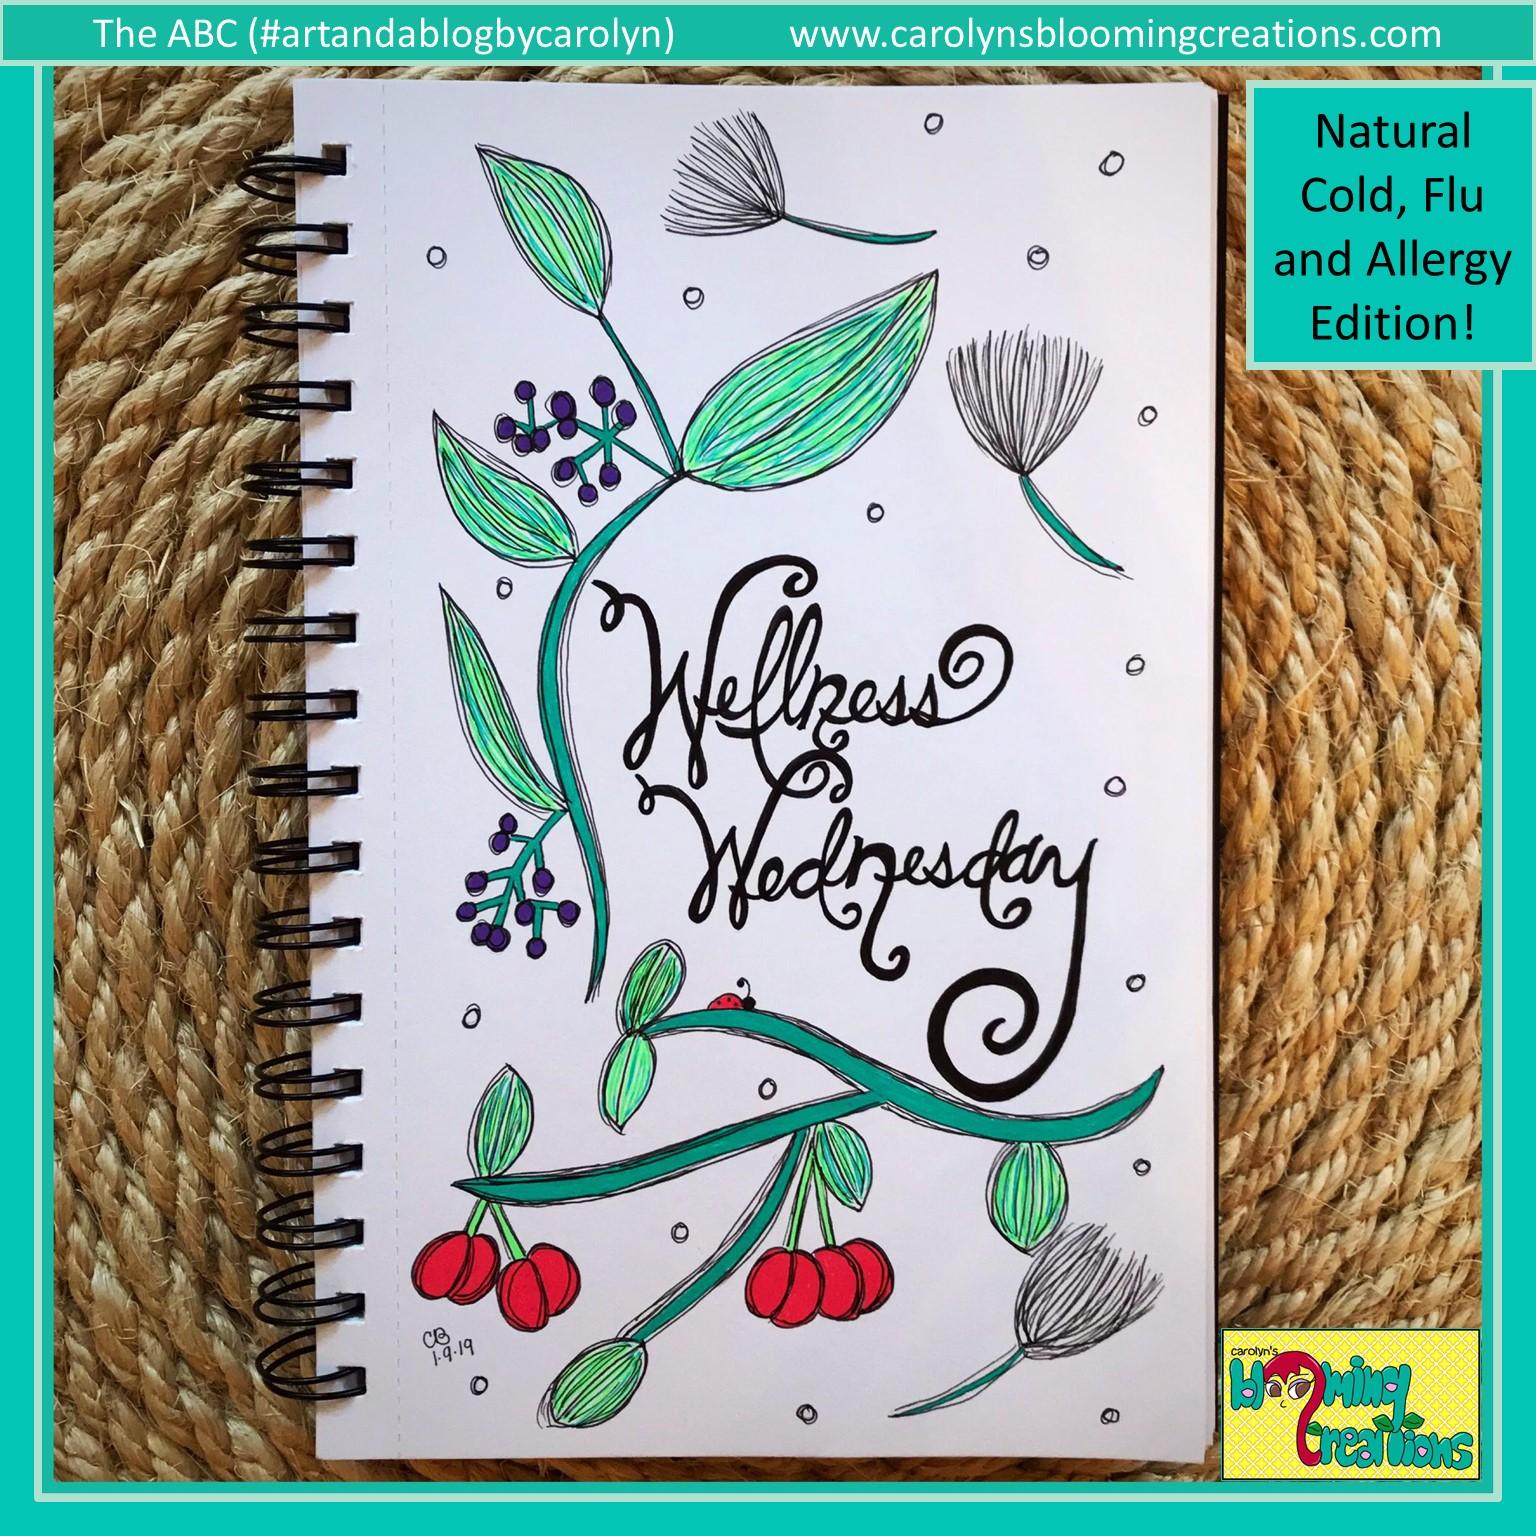 Art by Carolyn J. Braden, Media: Sakura Gelly Roll pens, Faber Castell PITT pens, BIC pencil